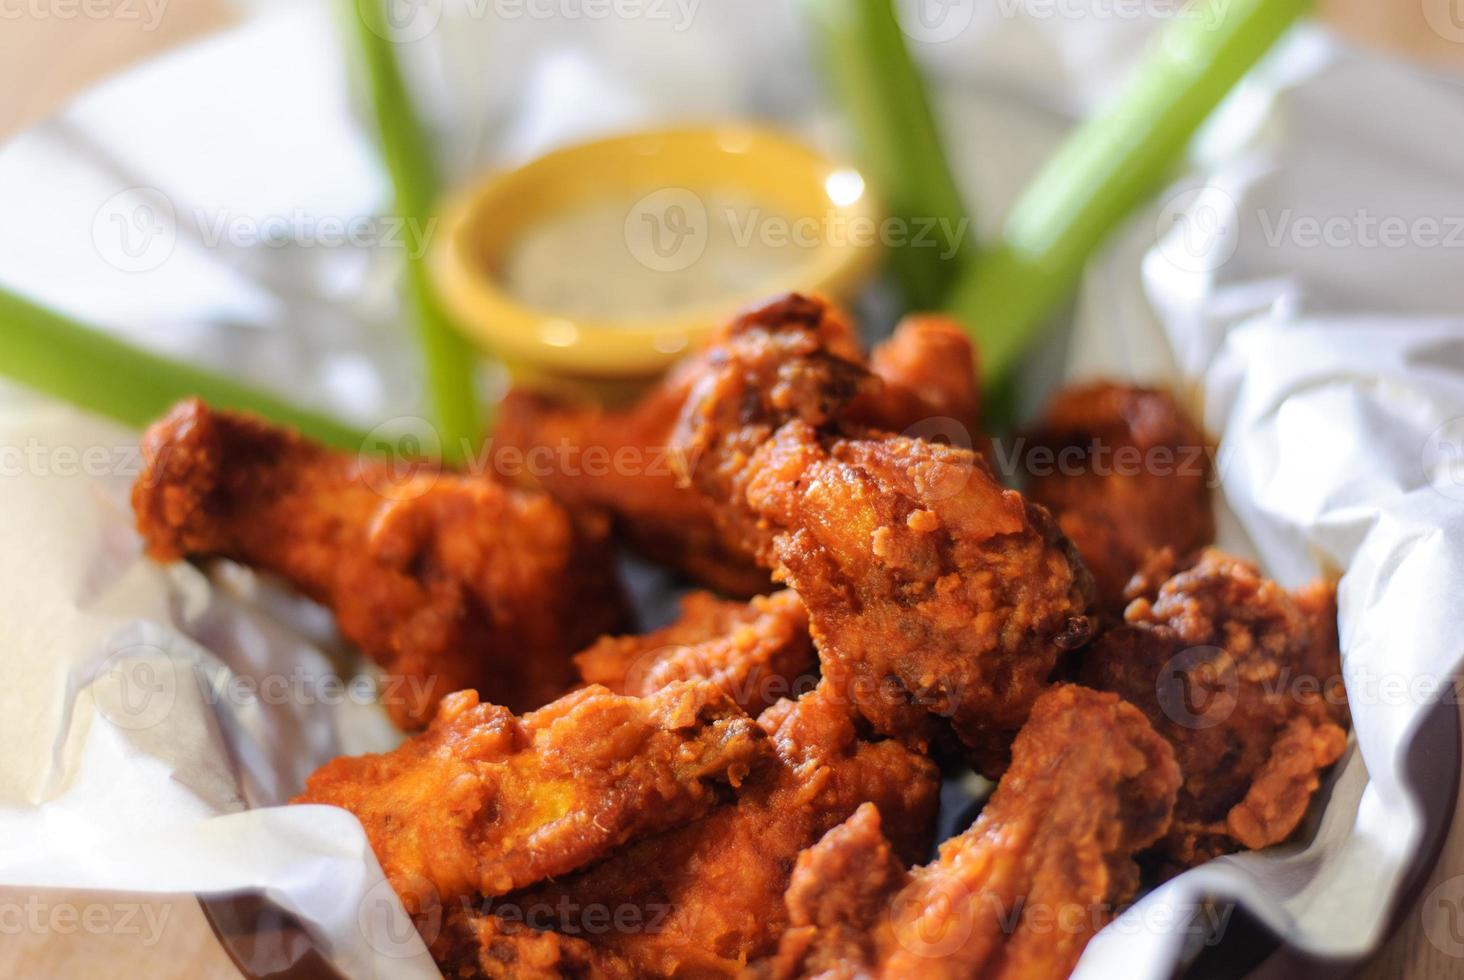 poulet frit photo